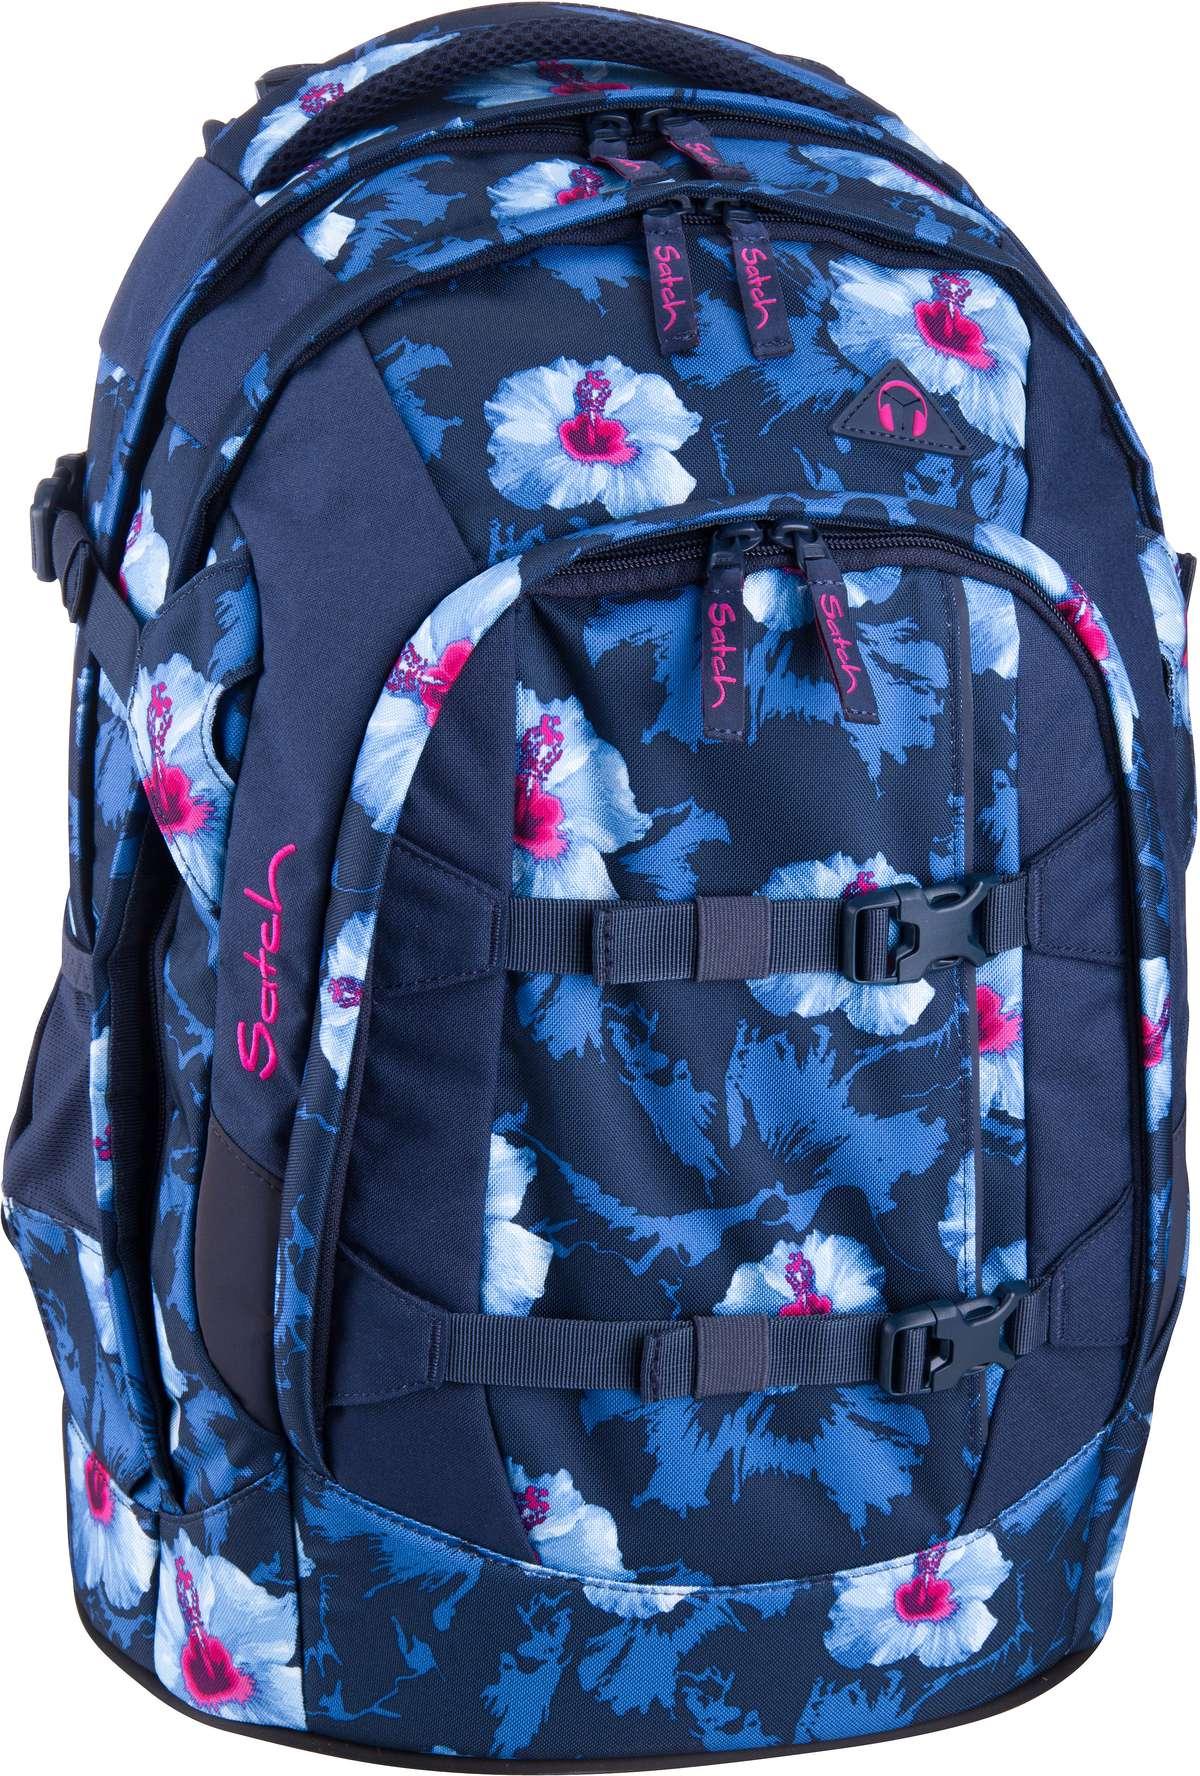 Schulrucksack pack 3.0 Waikiki Blue (30 Liter)